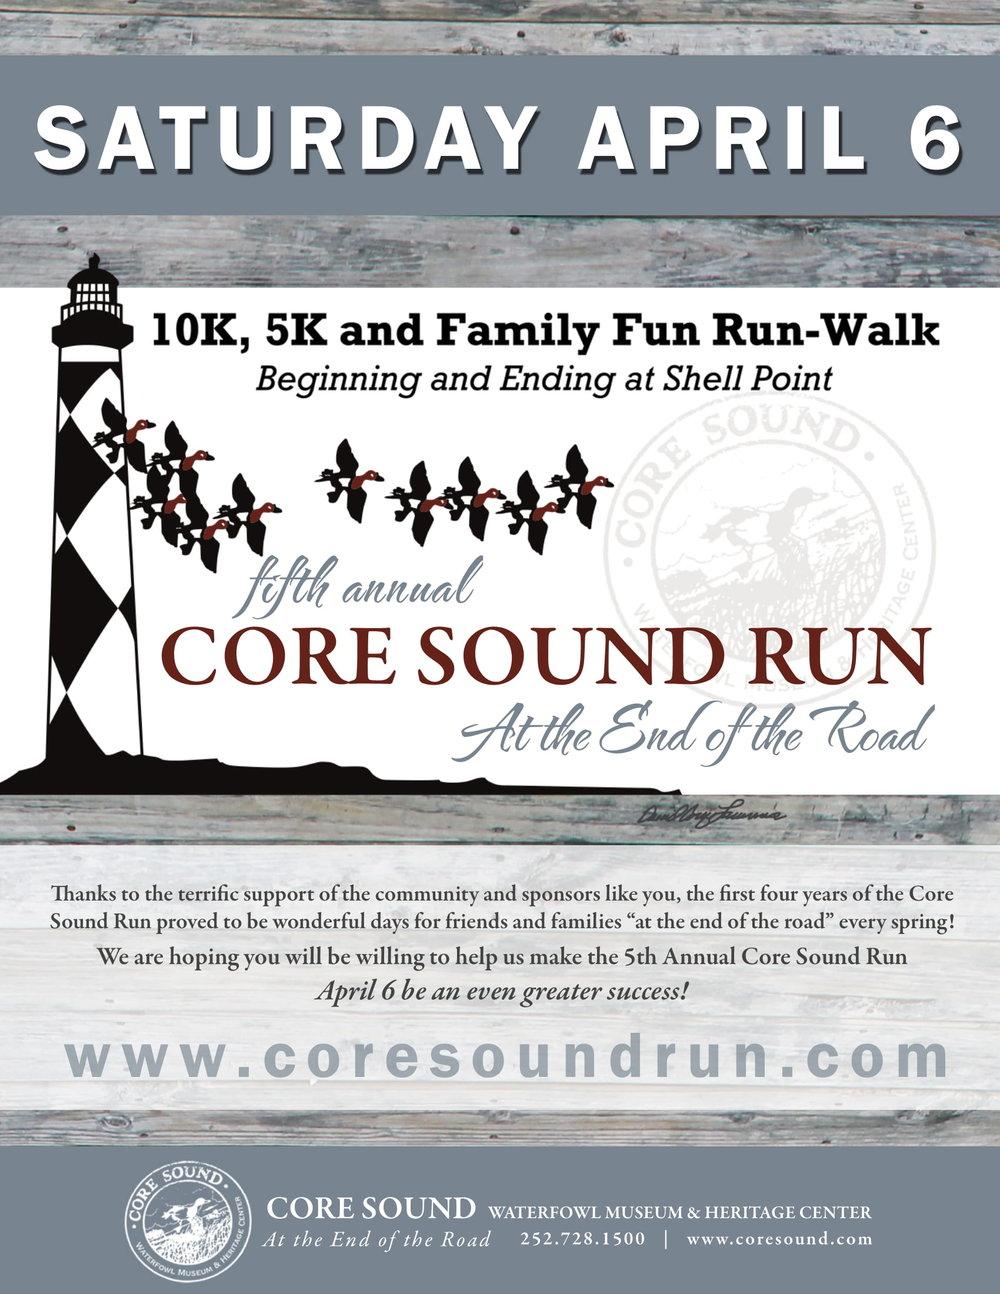 core sound run